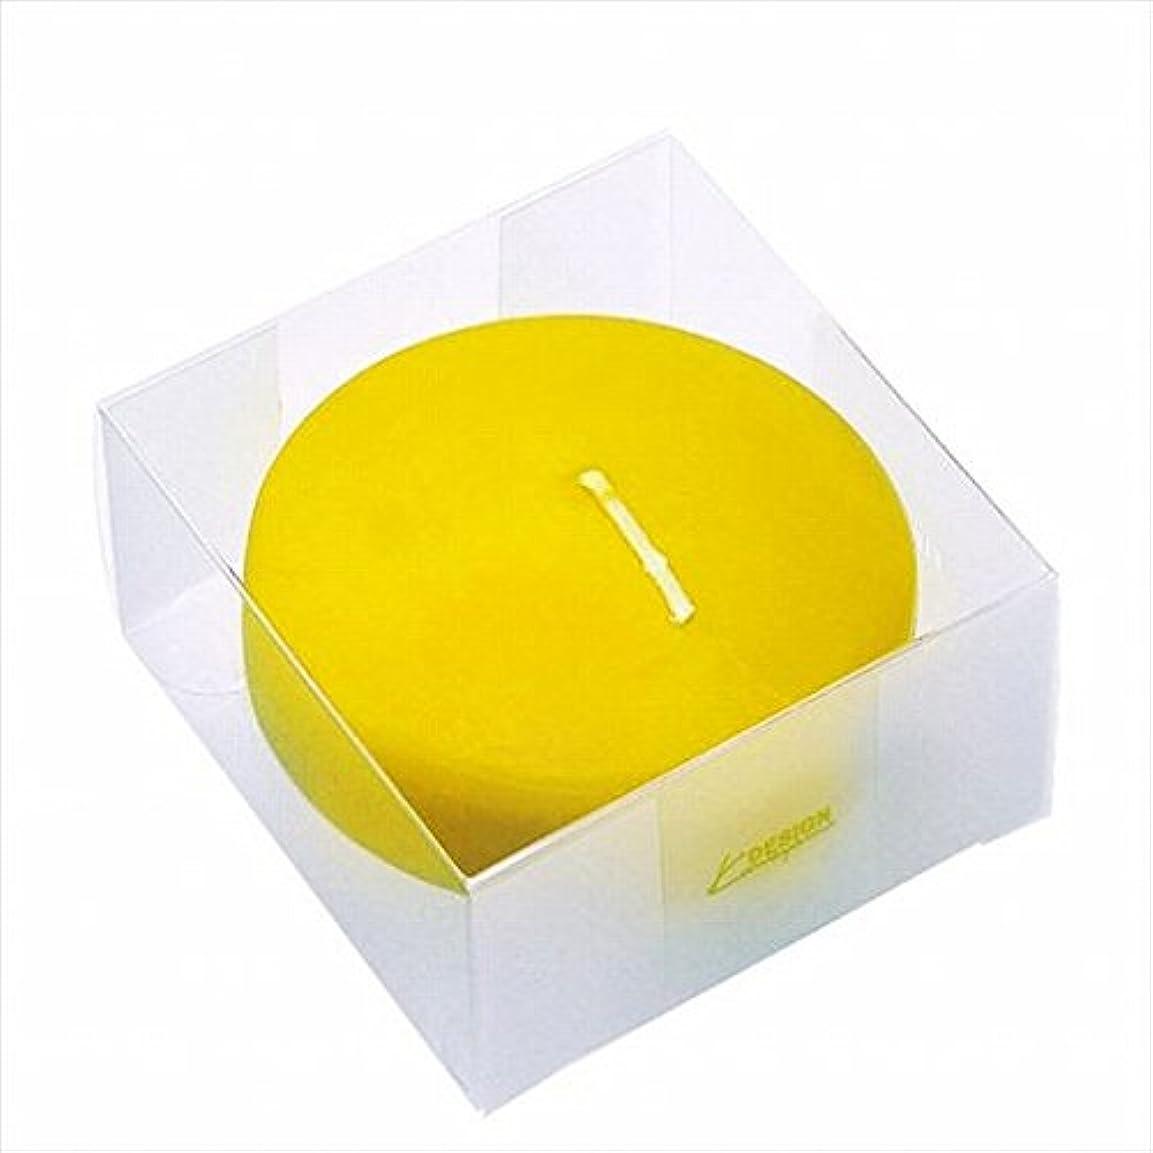 親指バイオレット持つカメヤマキャンドル(kameyama candle) プール80(箱入り) 「 サン 」